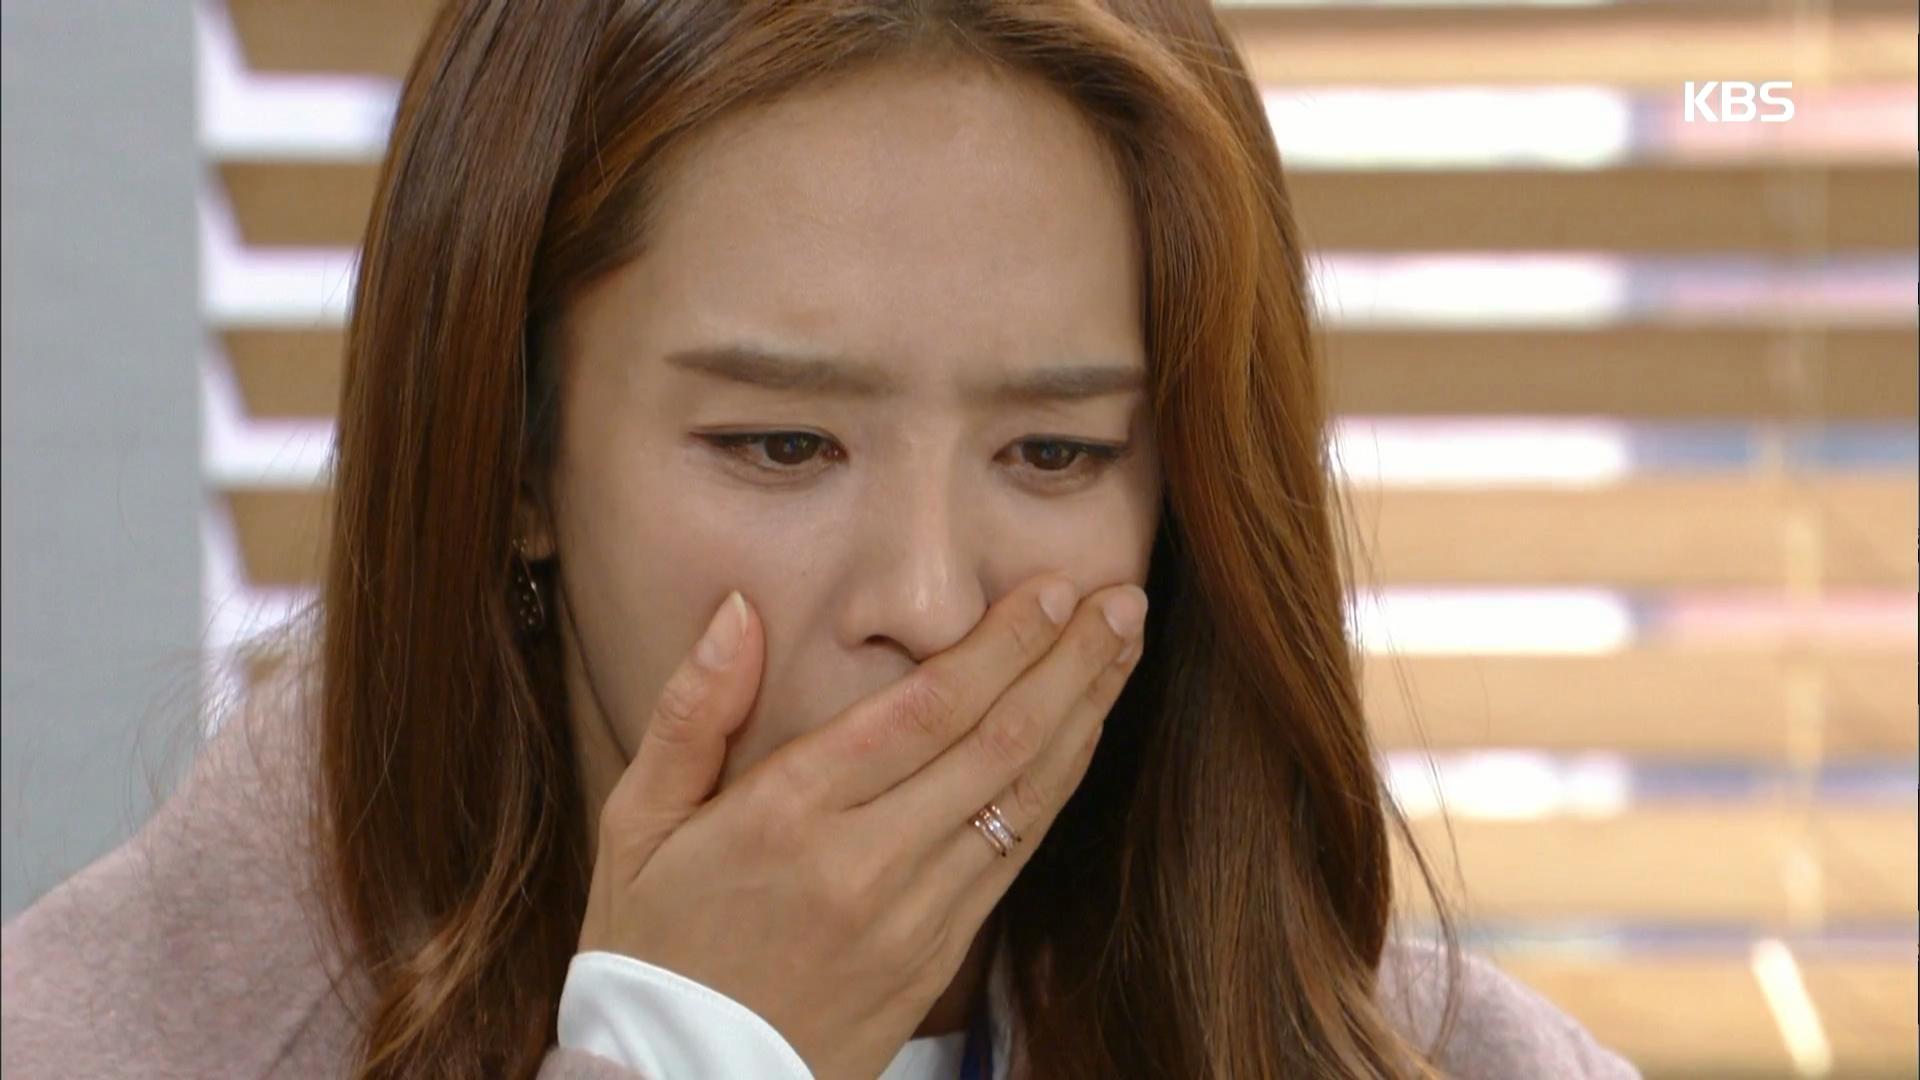 박정아, 송창의 과거 수색. 진짜 정체 눈치챘다 패닉.